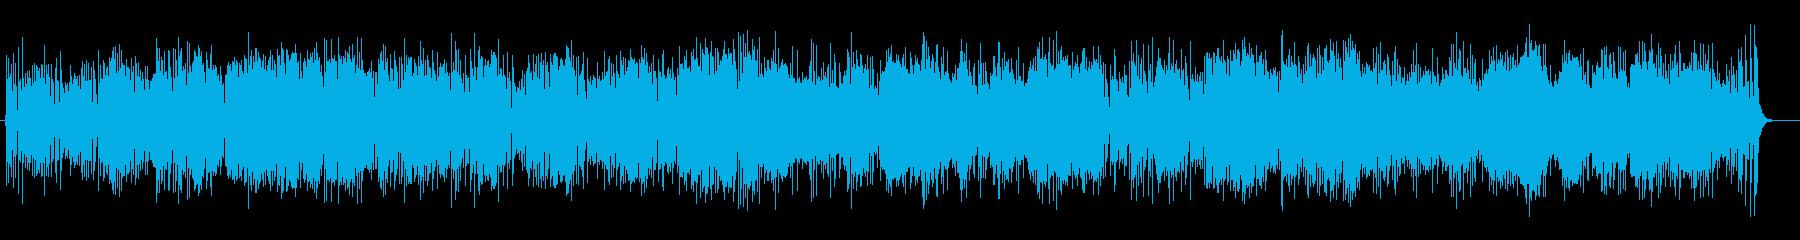 マリンバを基調とした軽快なメロディの再生済みの波形